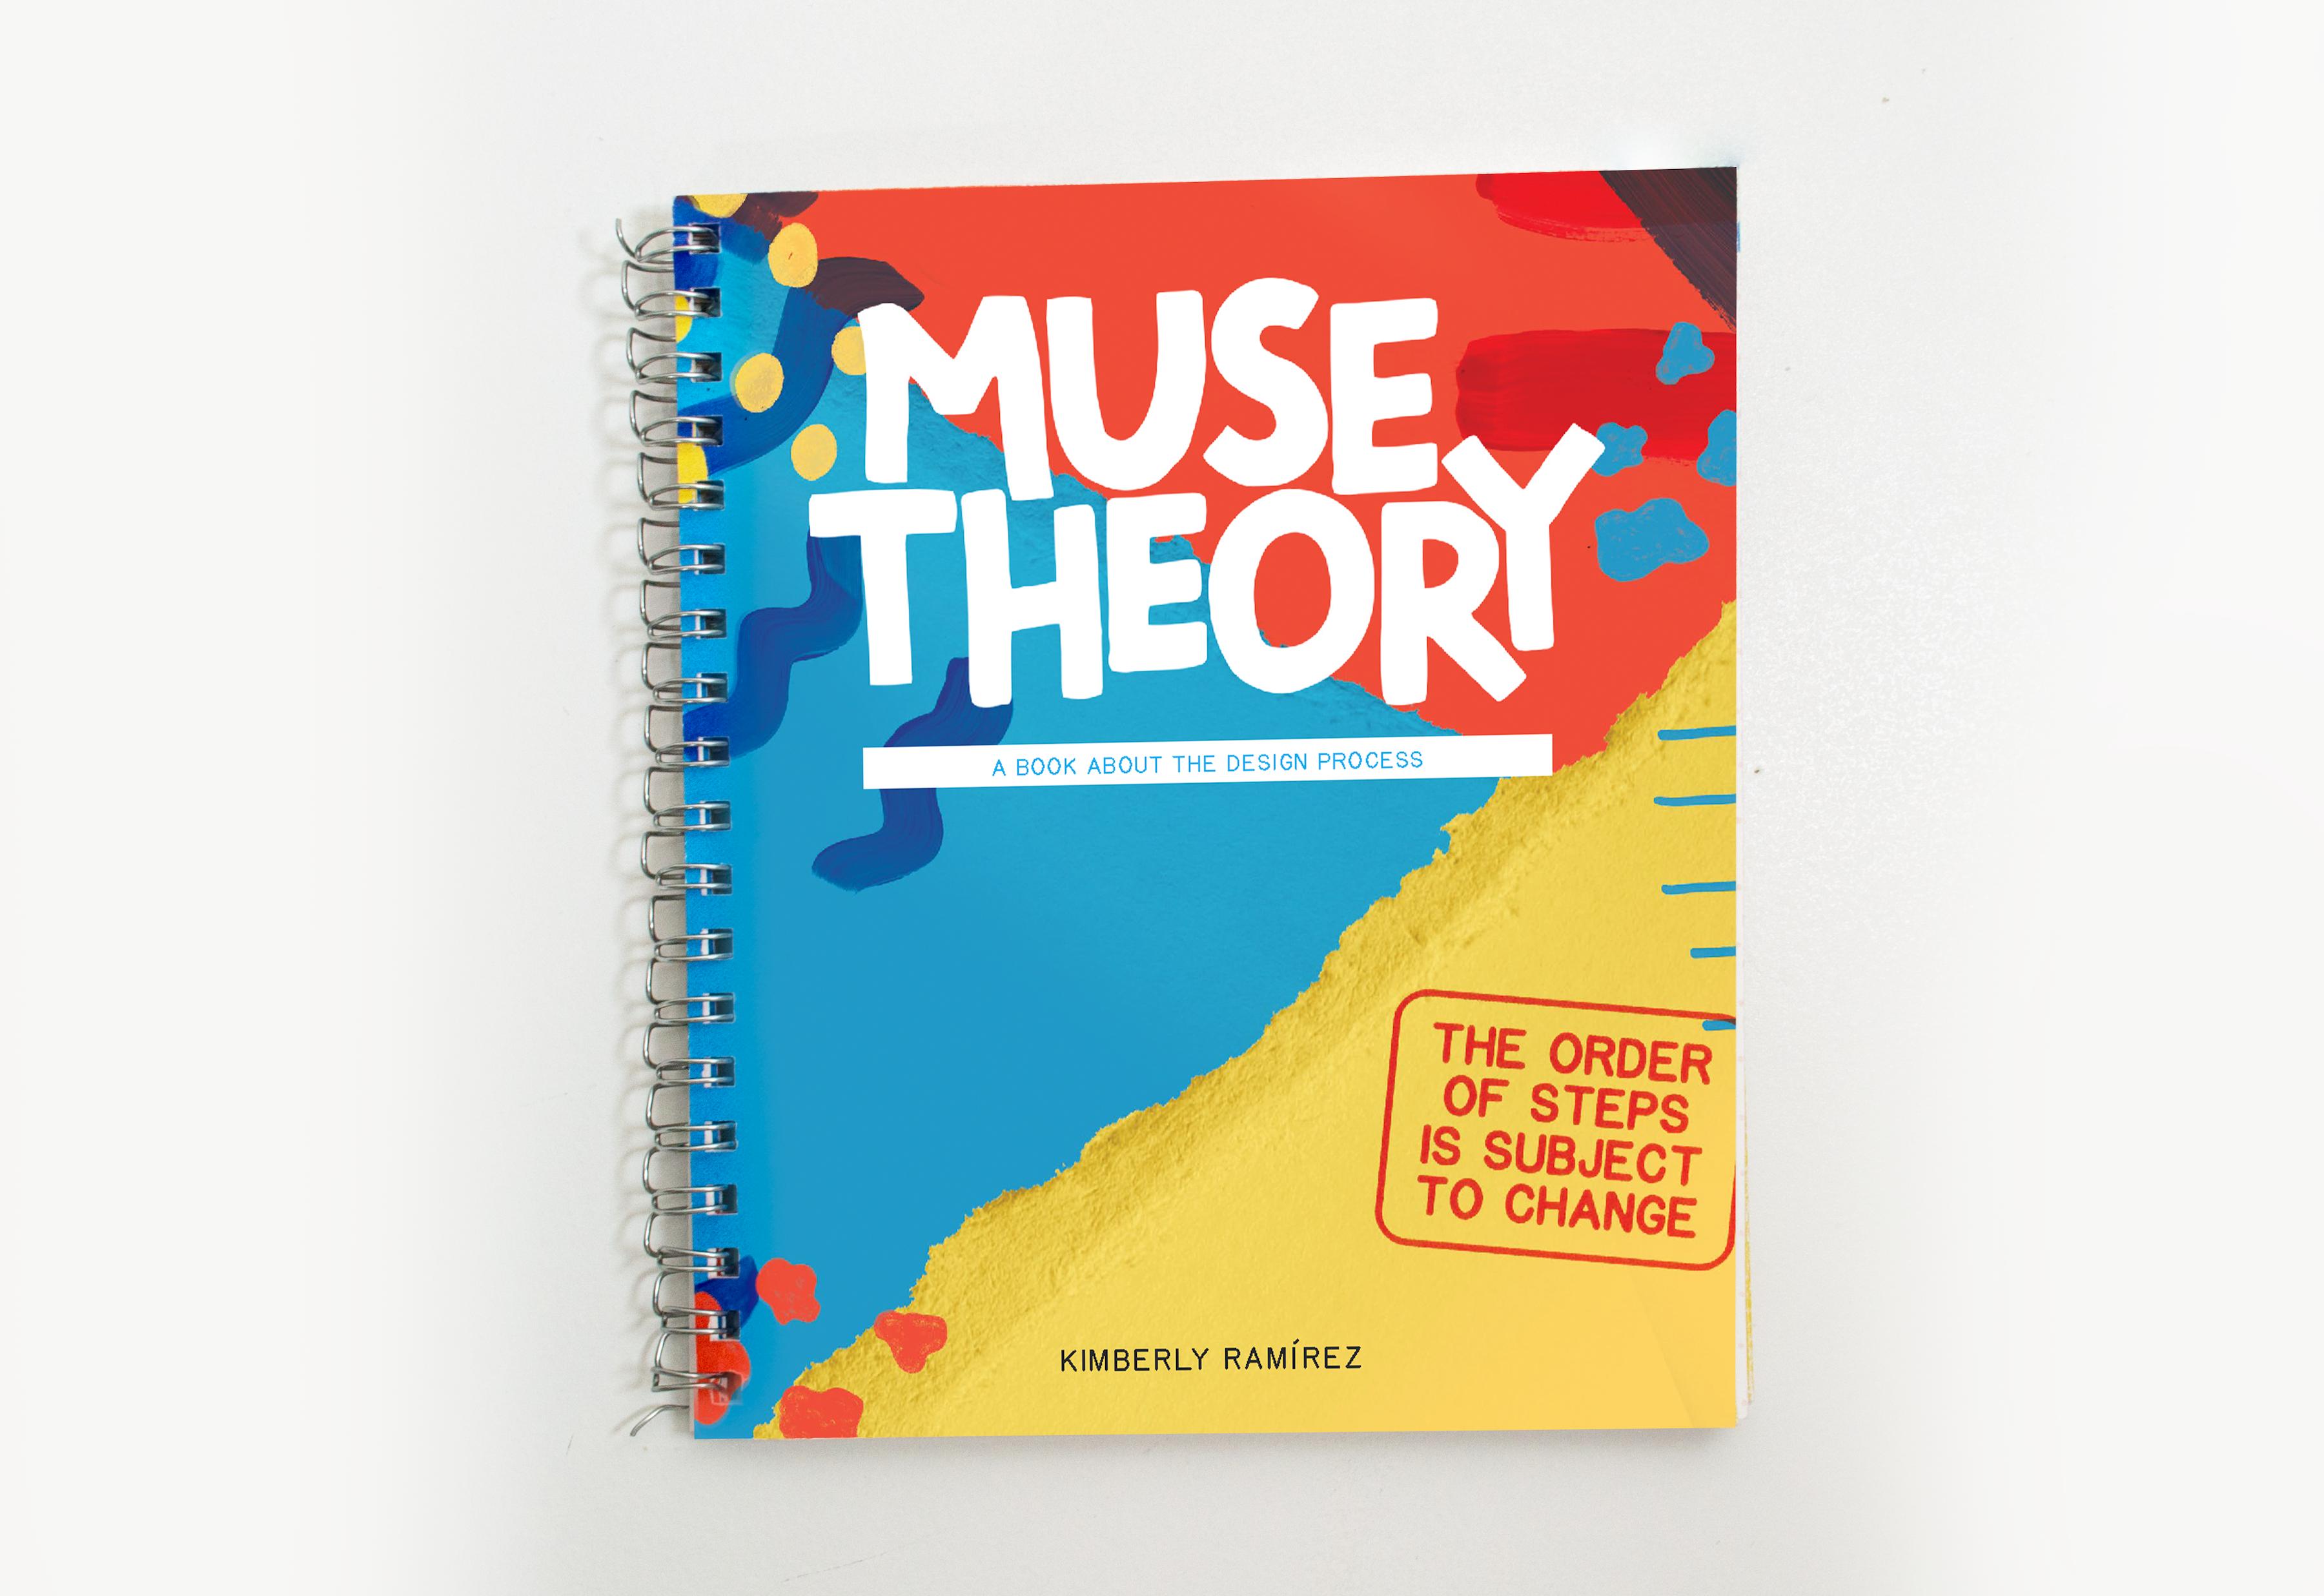 Muse-Theory-kimberly-ramirez